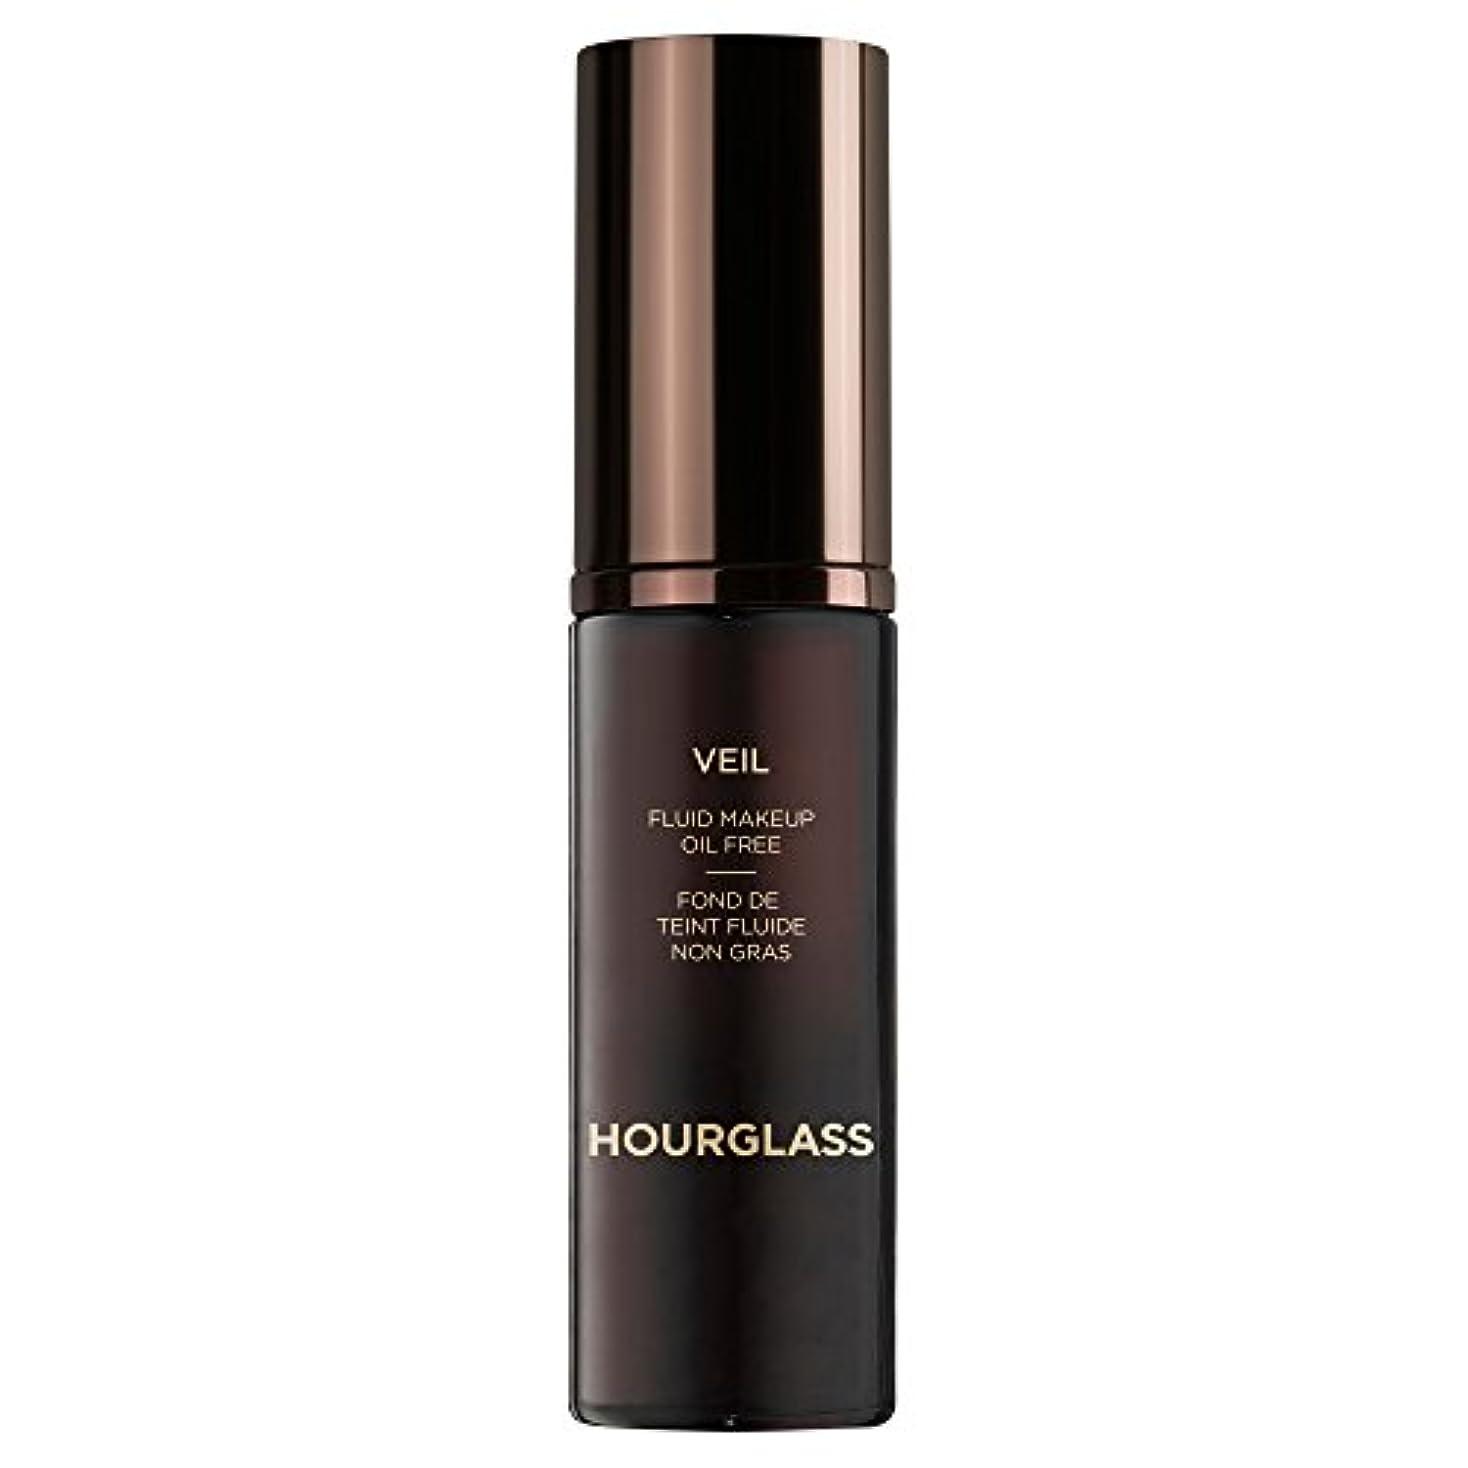 ロデオ困惑するベスビオ山流体化粧アイボリーベール砂時計 (Hourglass) - Hourglass Veil Fluid Makeup Ivory [並行輸入品]